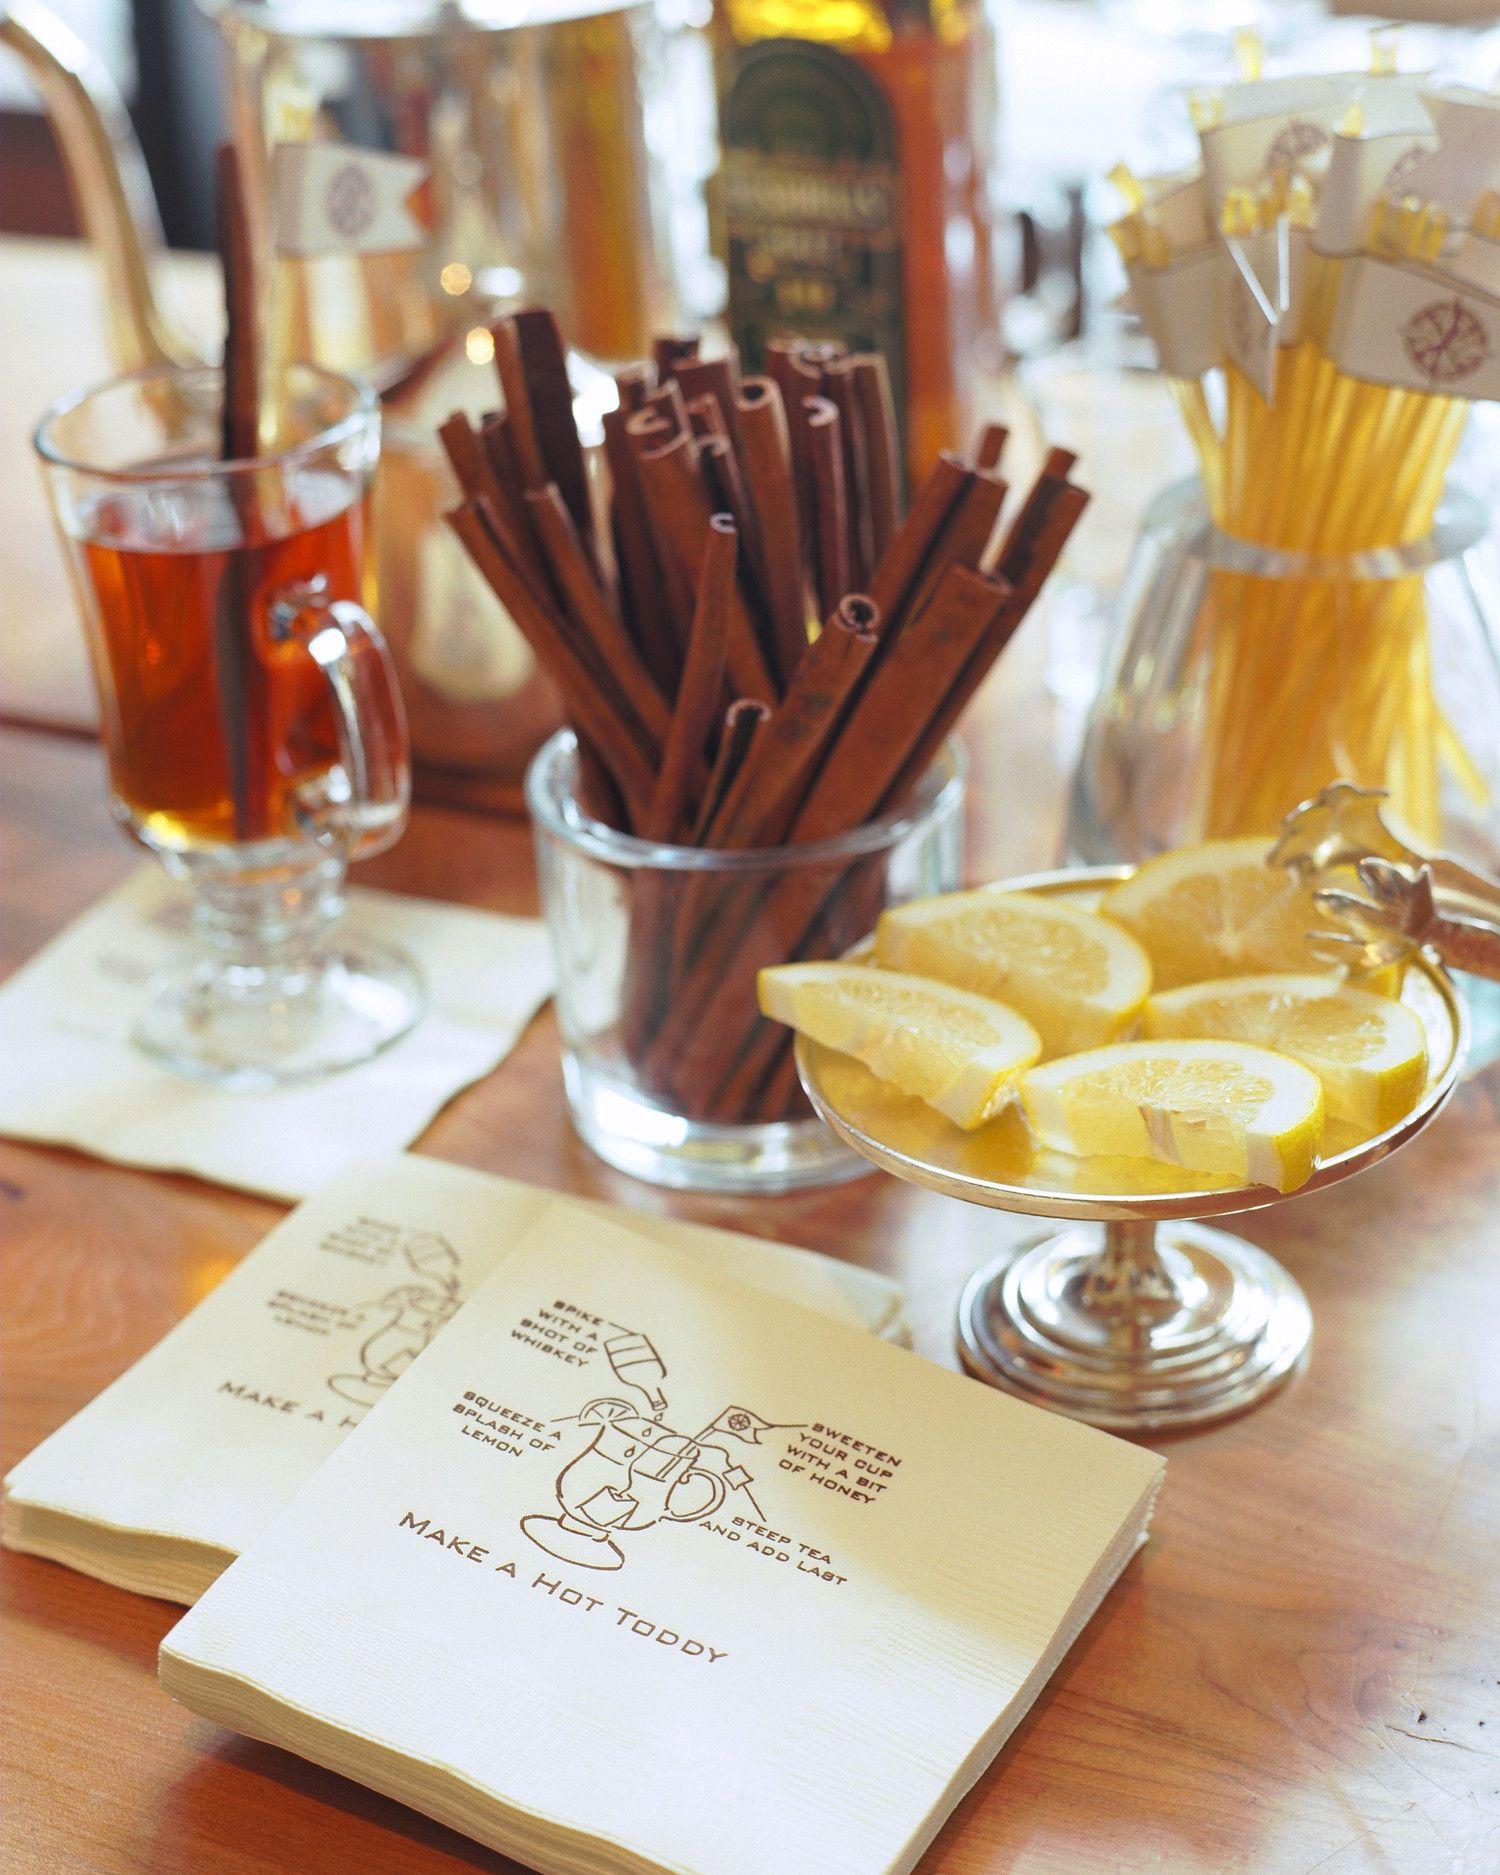 Winter Wedding Food: Winter Wedding Ideas For A Cozy, Festive Fête